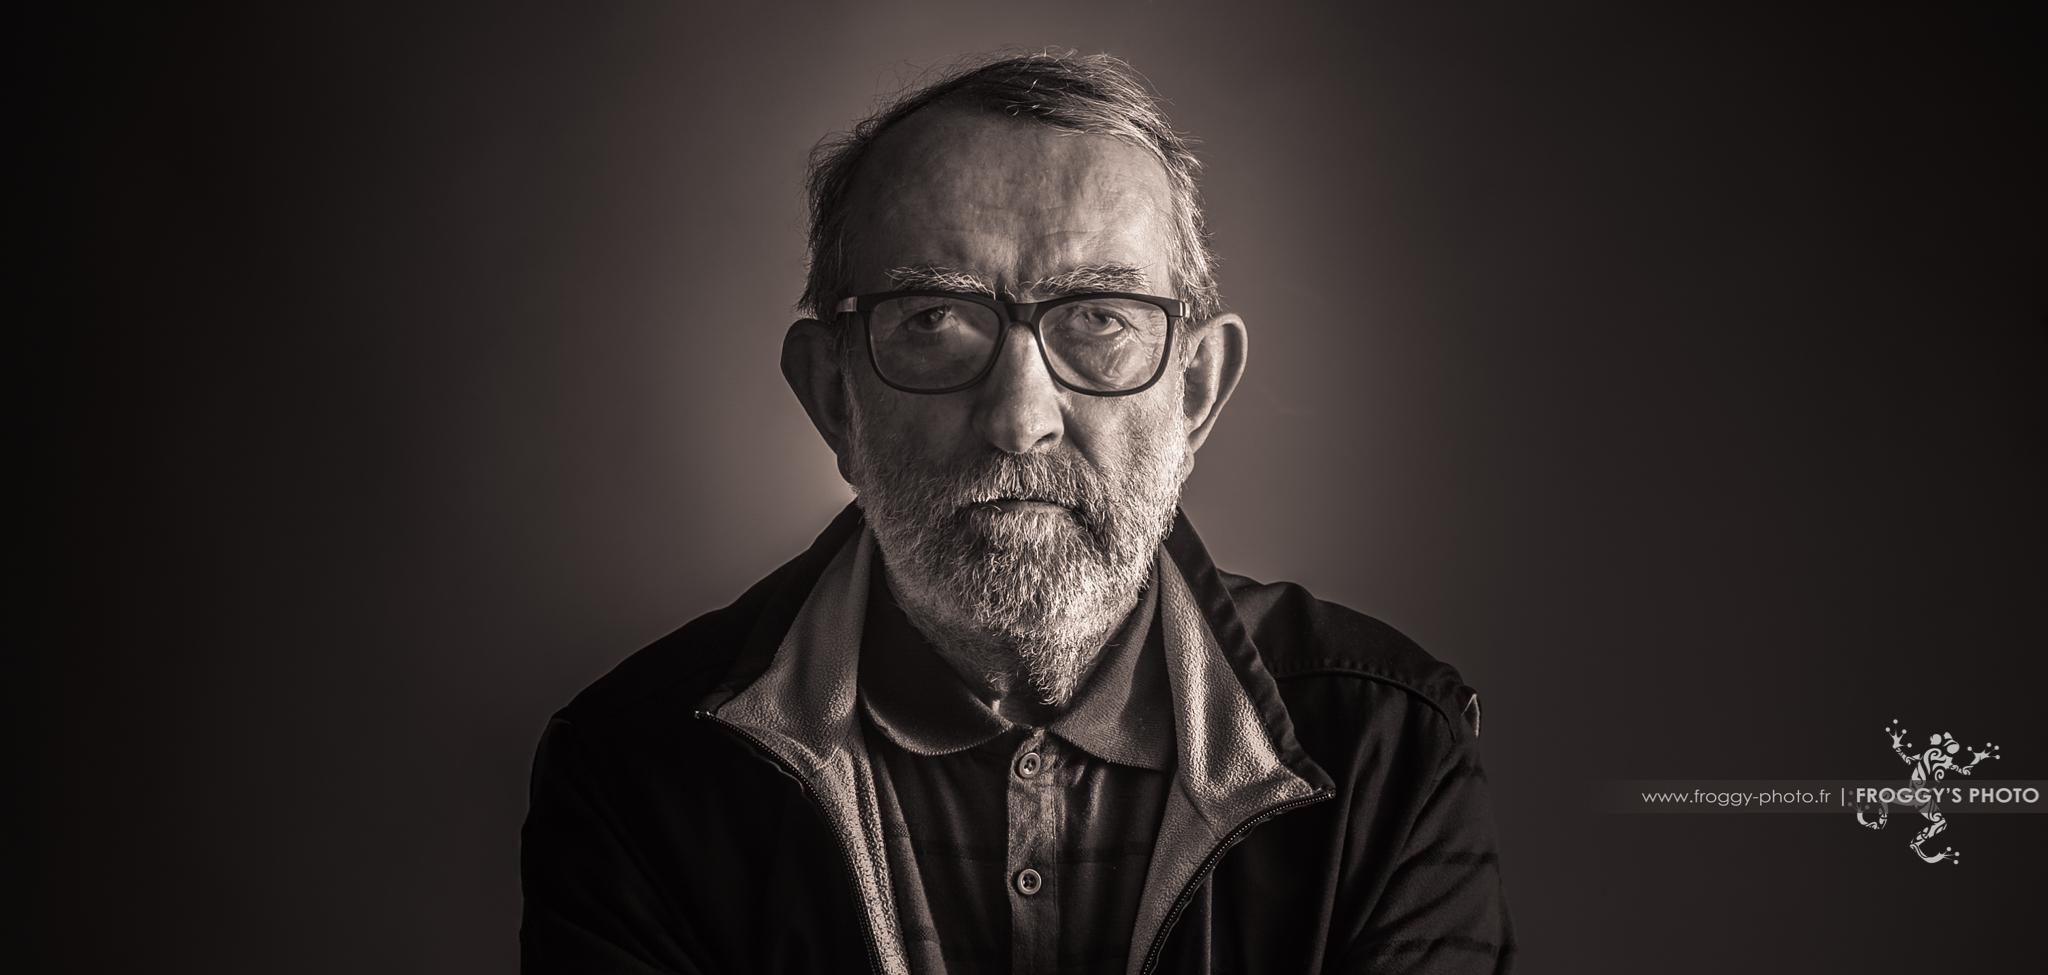 Photographe Portrait - Aveyron Lozère